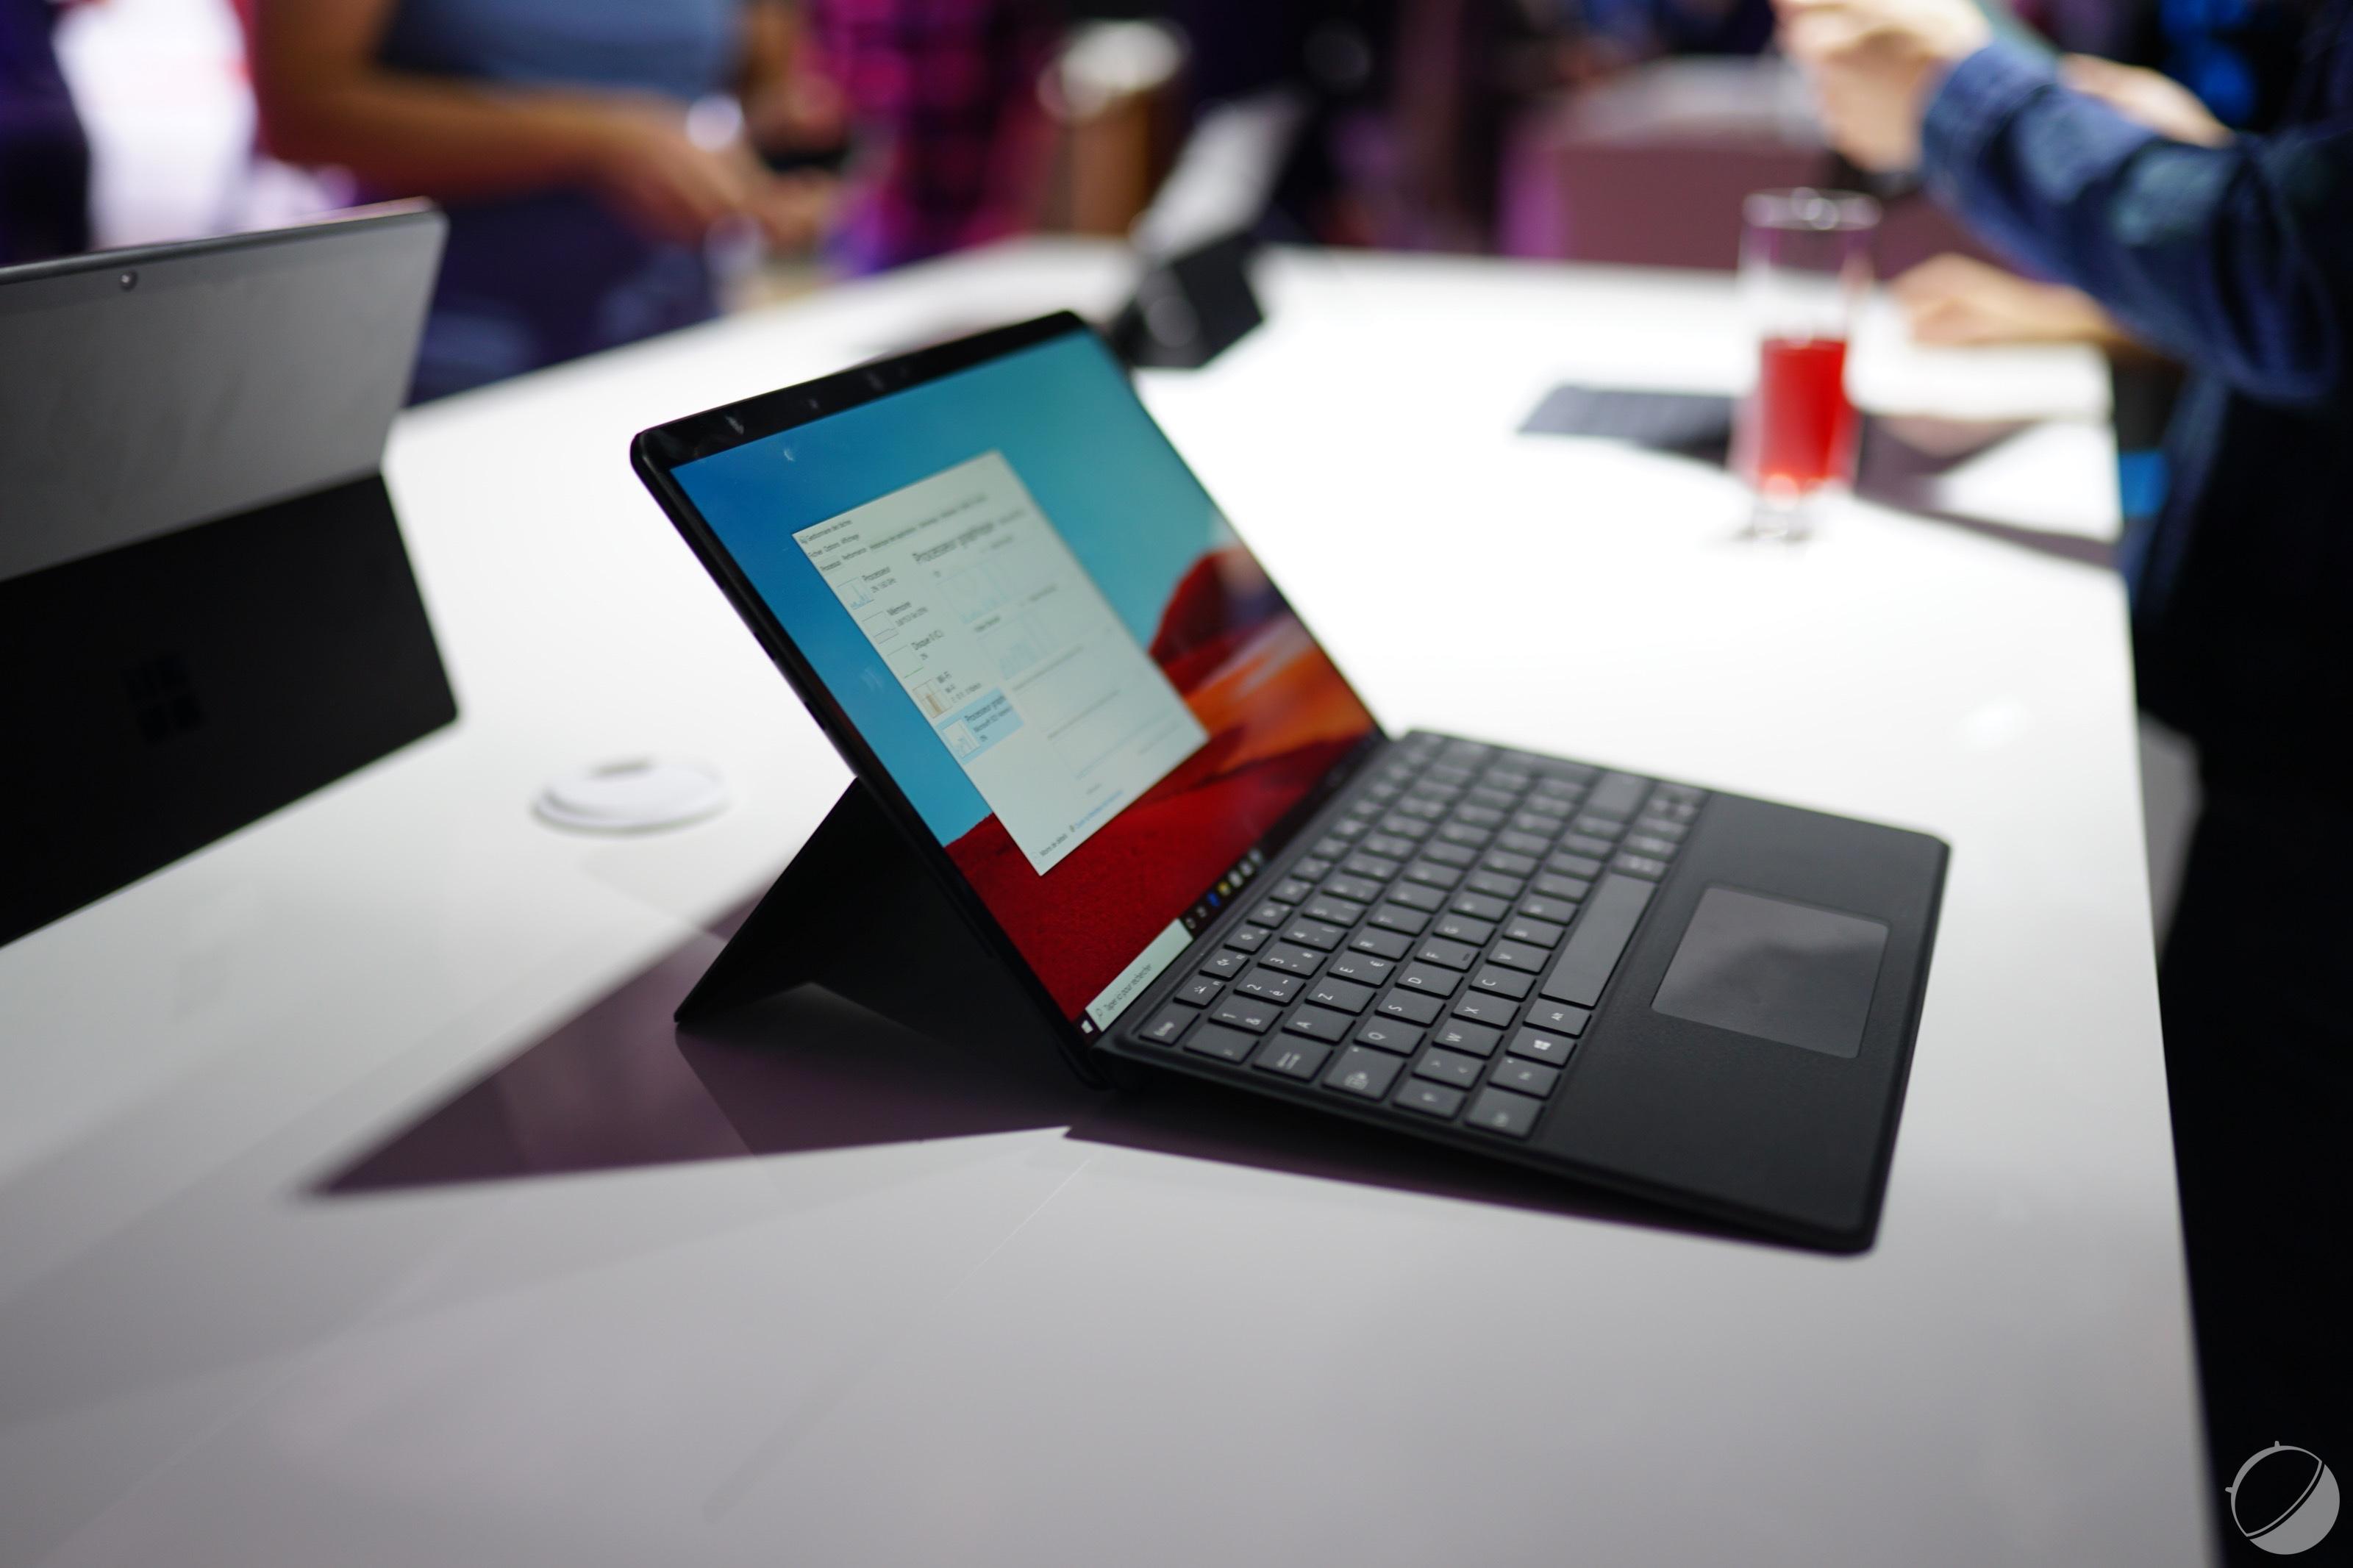 Snapdragon 8cx+ : une possible déclinaison plus puissante pour la Surface Pro X